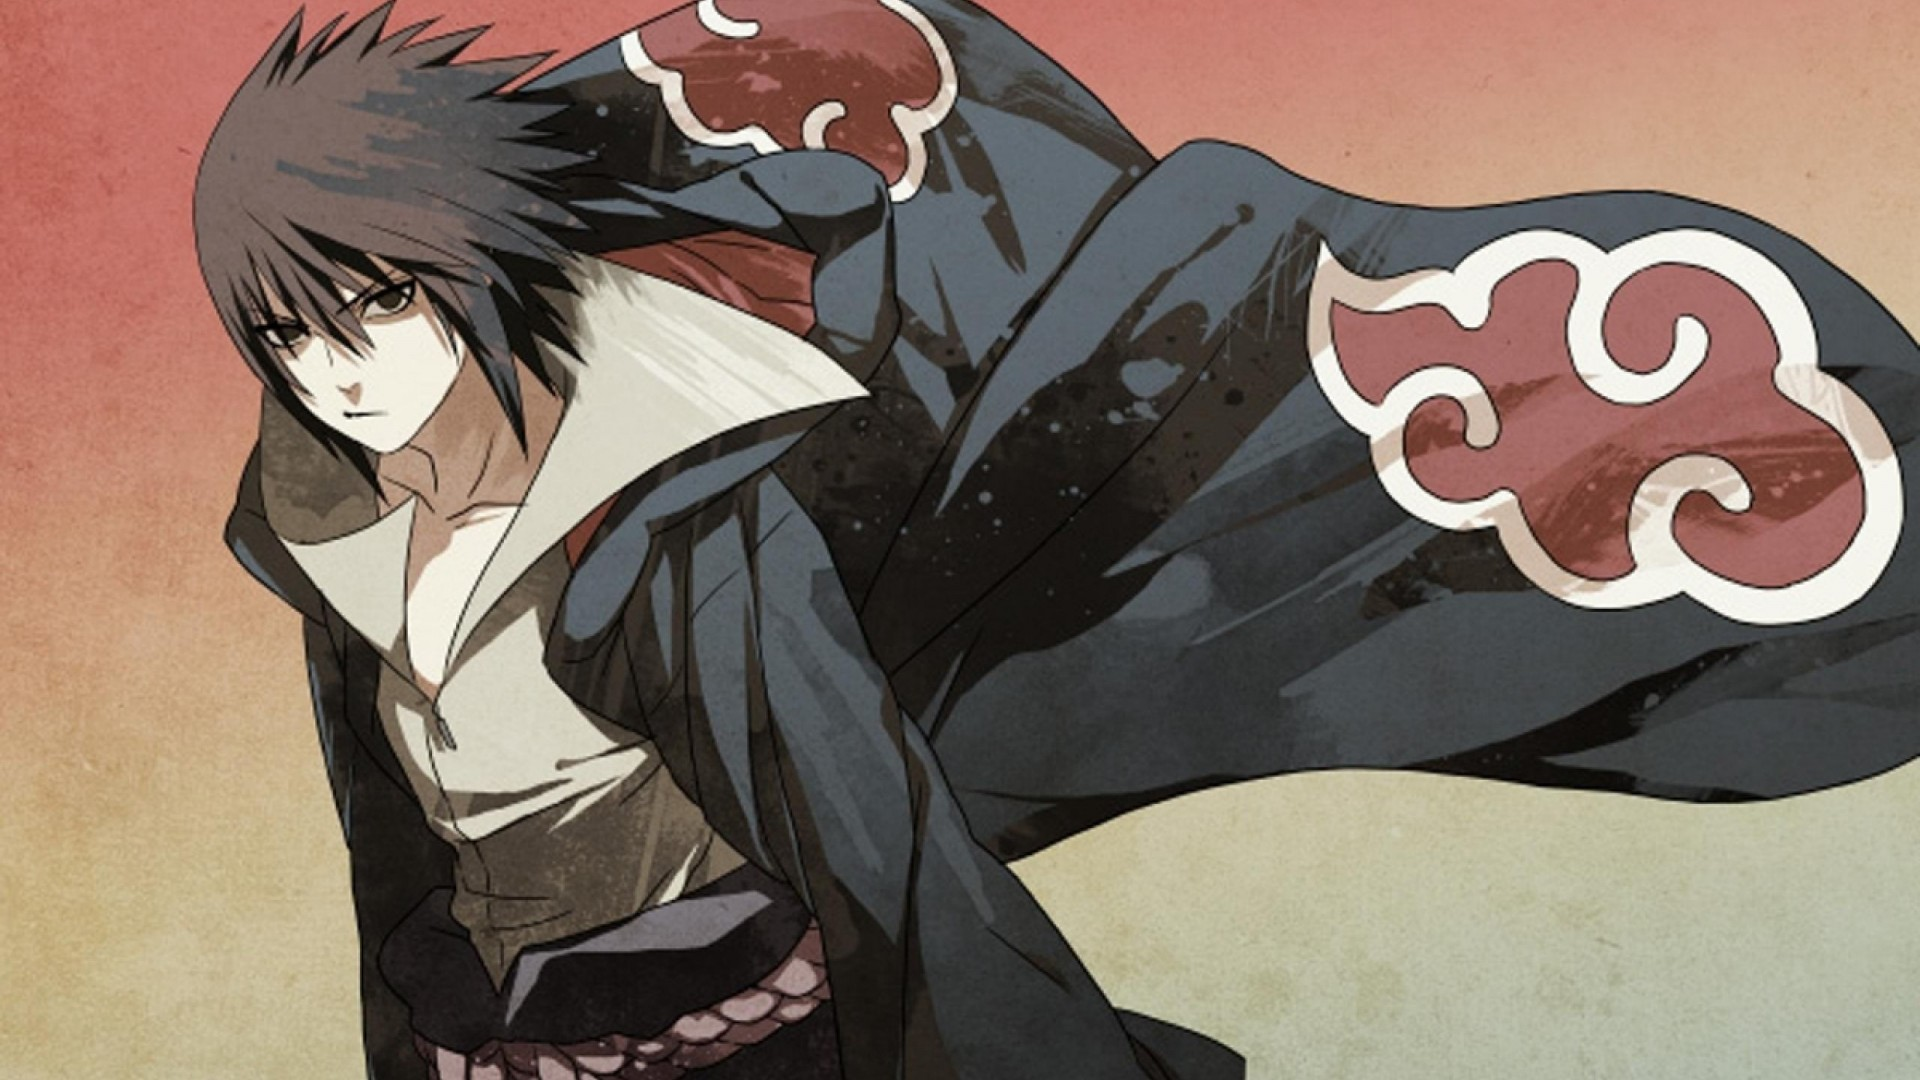 sasuke uchiha shippuden wallpaper hd